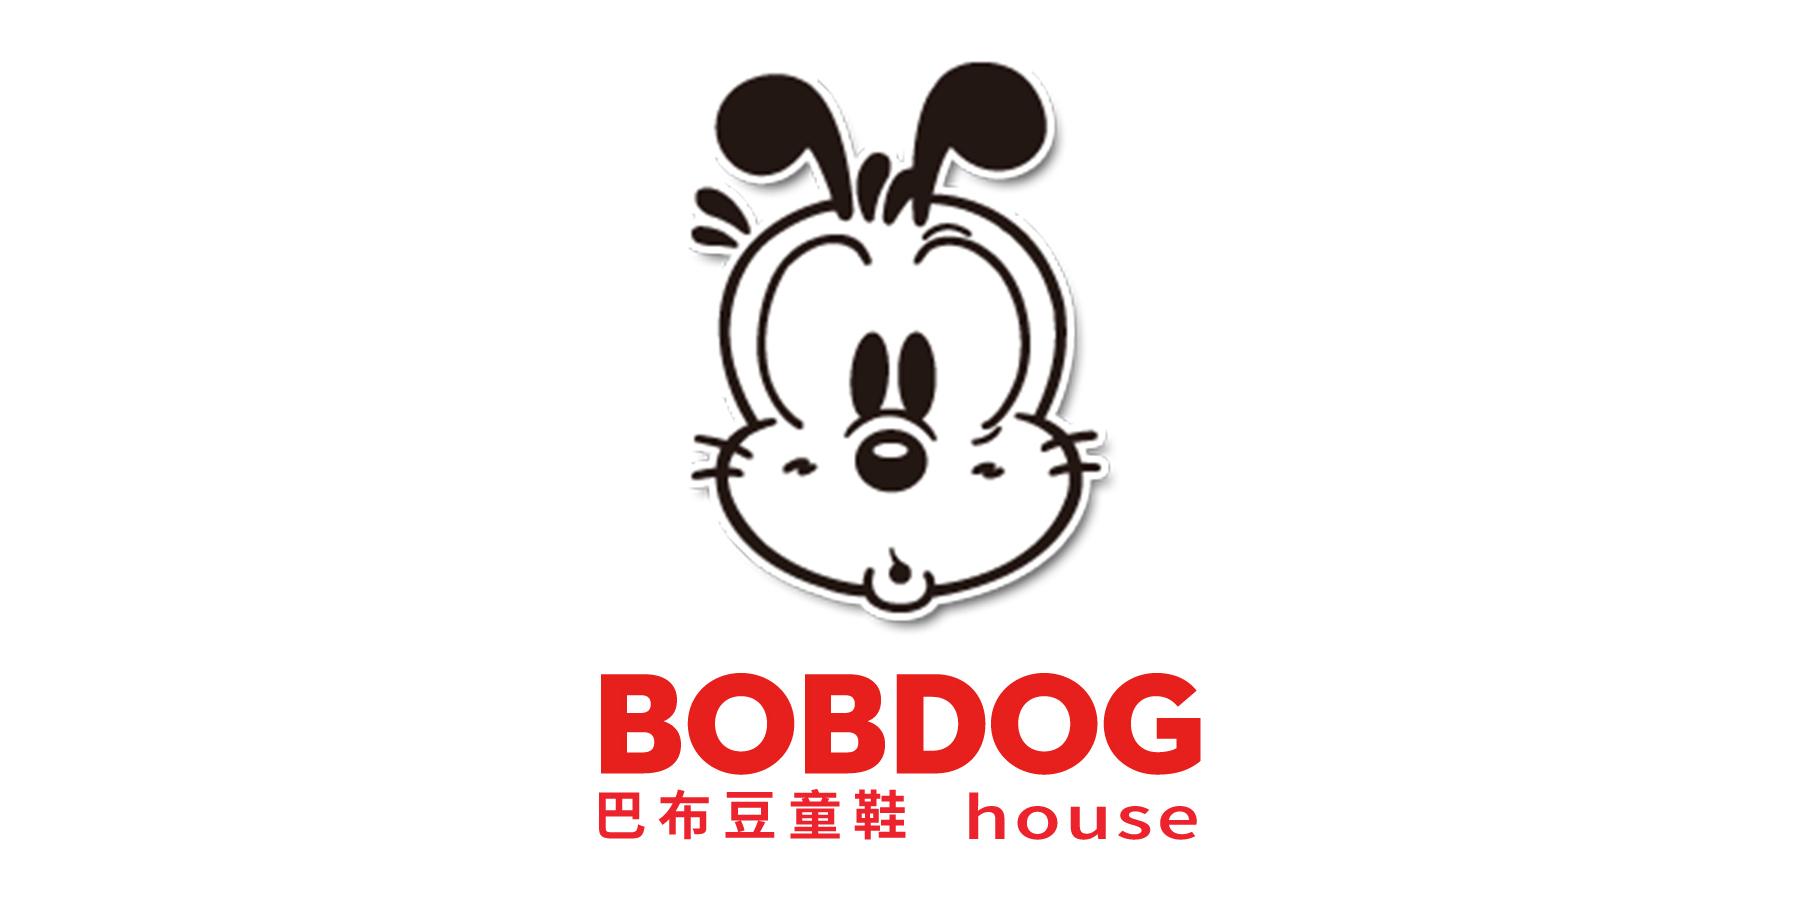 上海宝申儿童用品有限公司